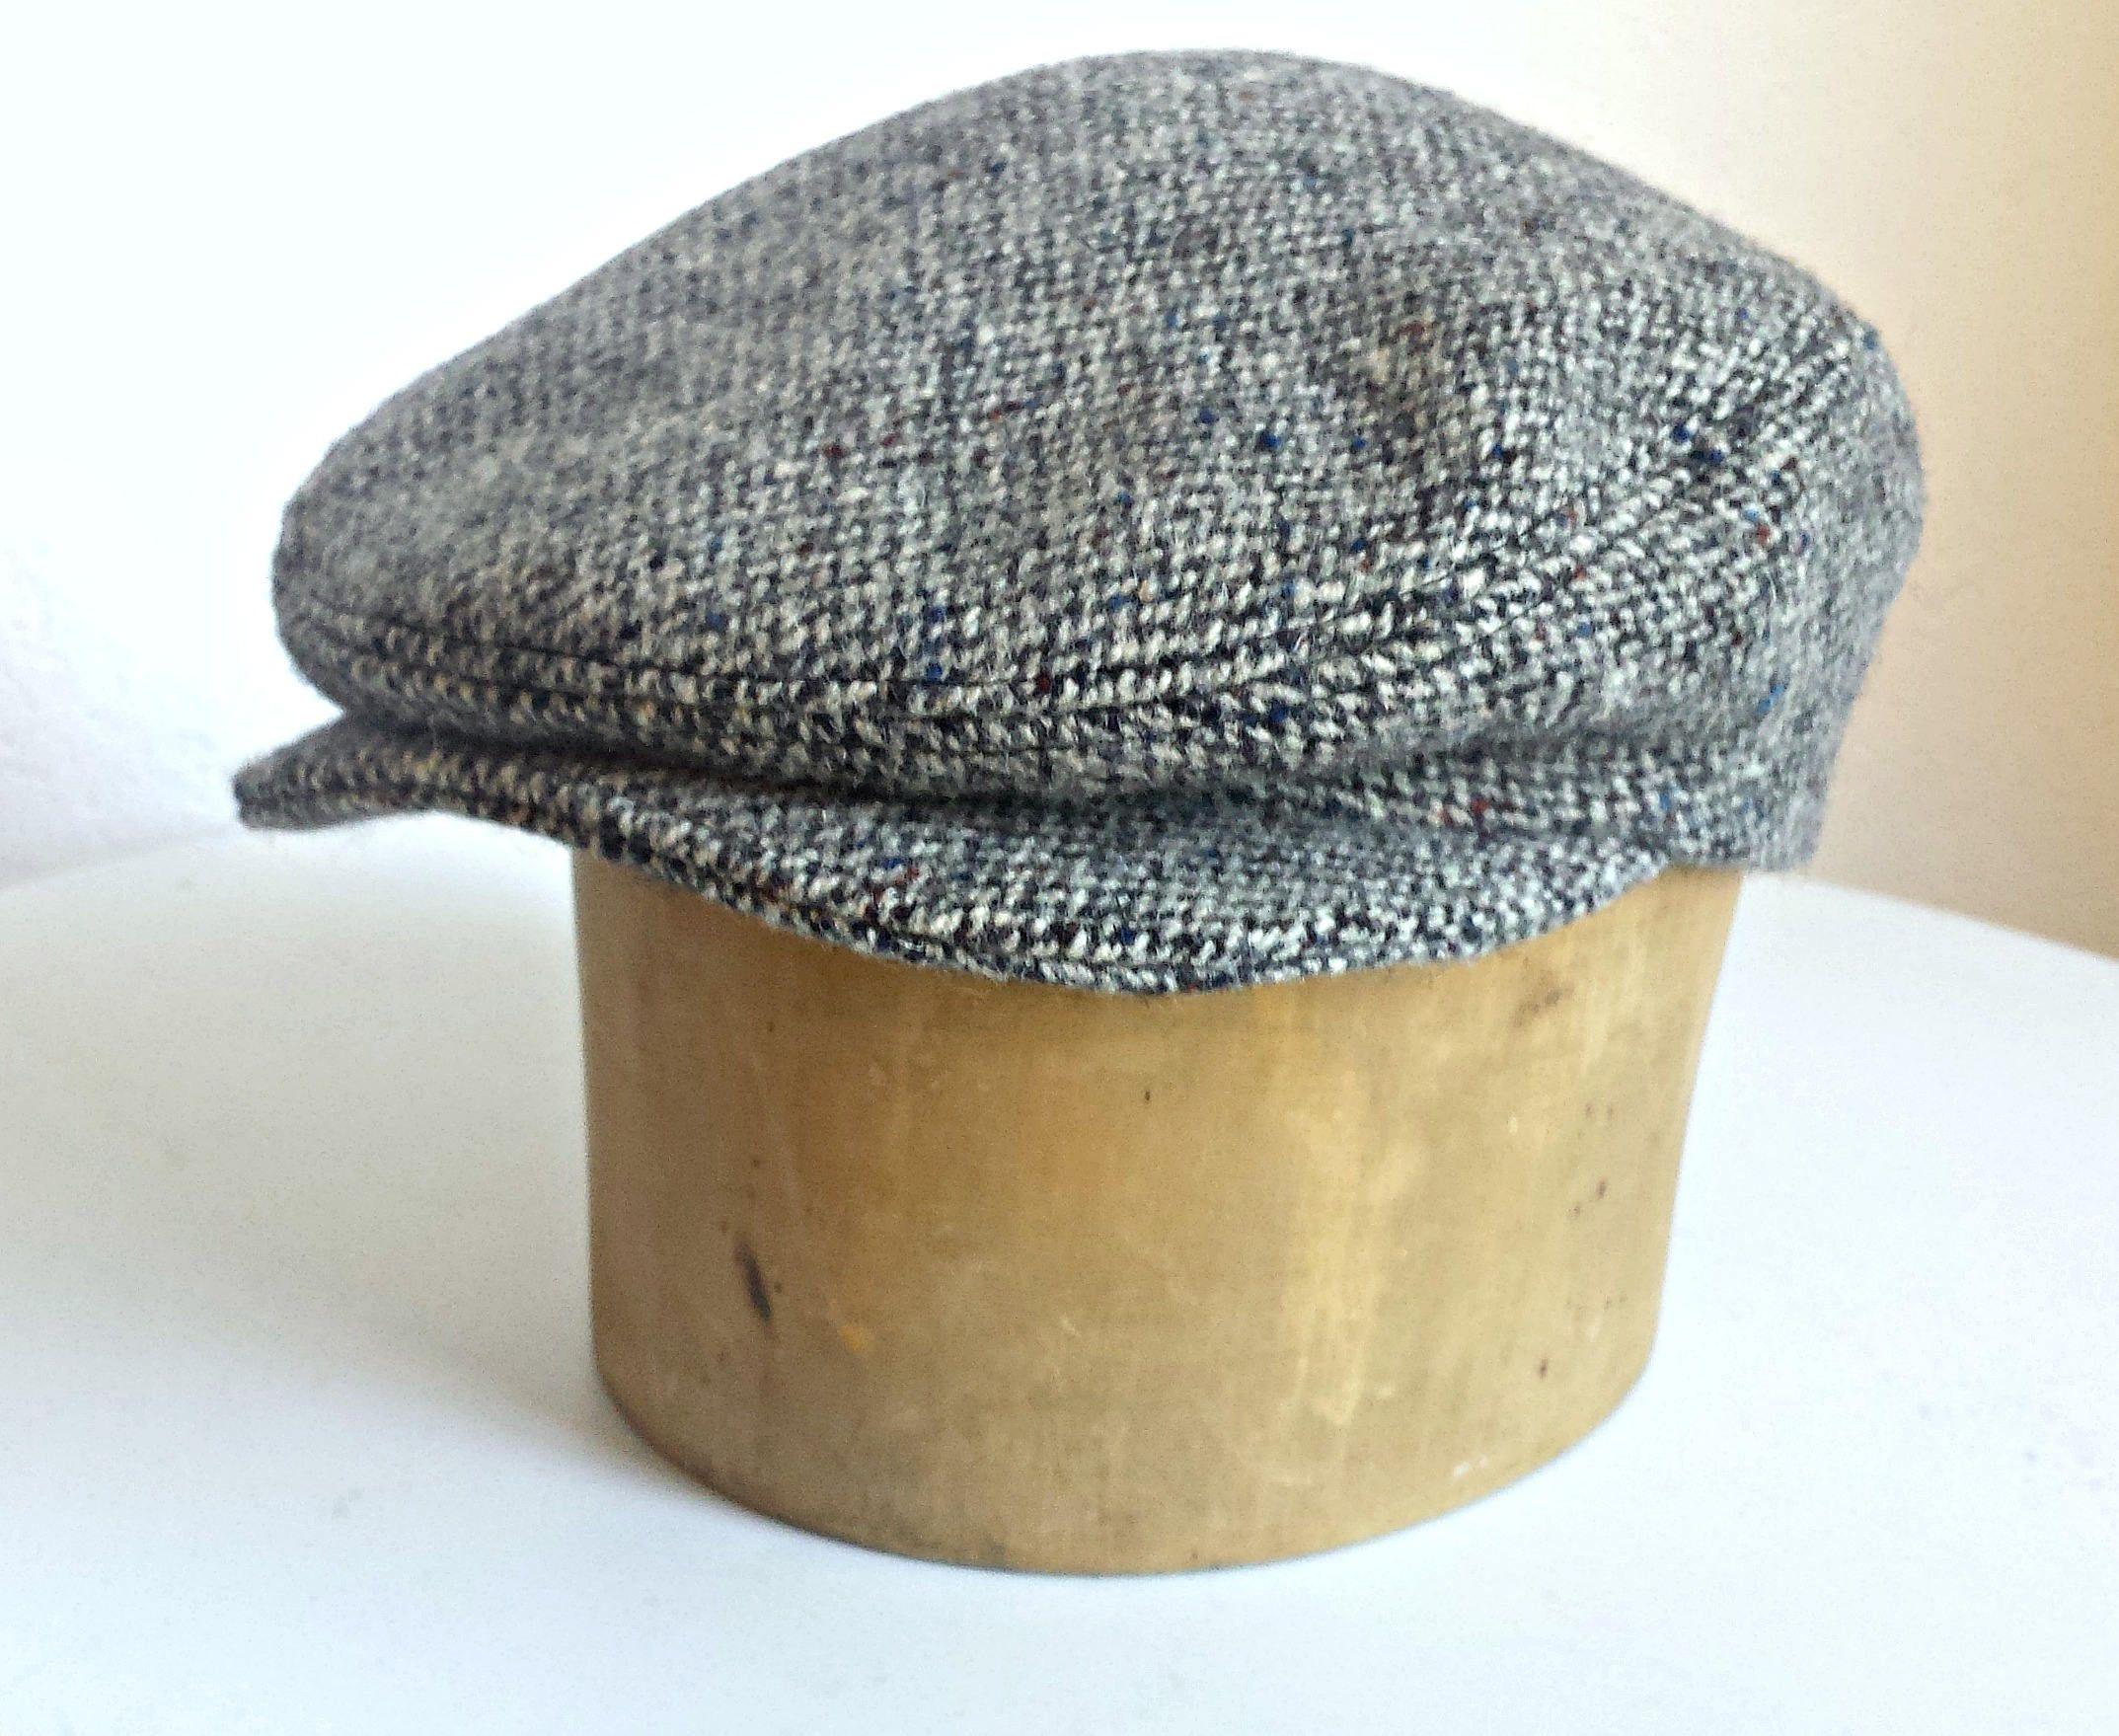 bb9e83c9b65 Driving Cap in Vintage Harris Tweed - Men s Driving Cap - Custom Flat Cap - Herringbone  Tweed Cap by HatsWithAPast on Etsy